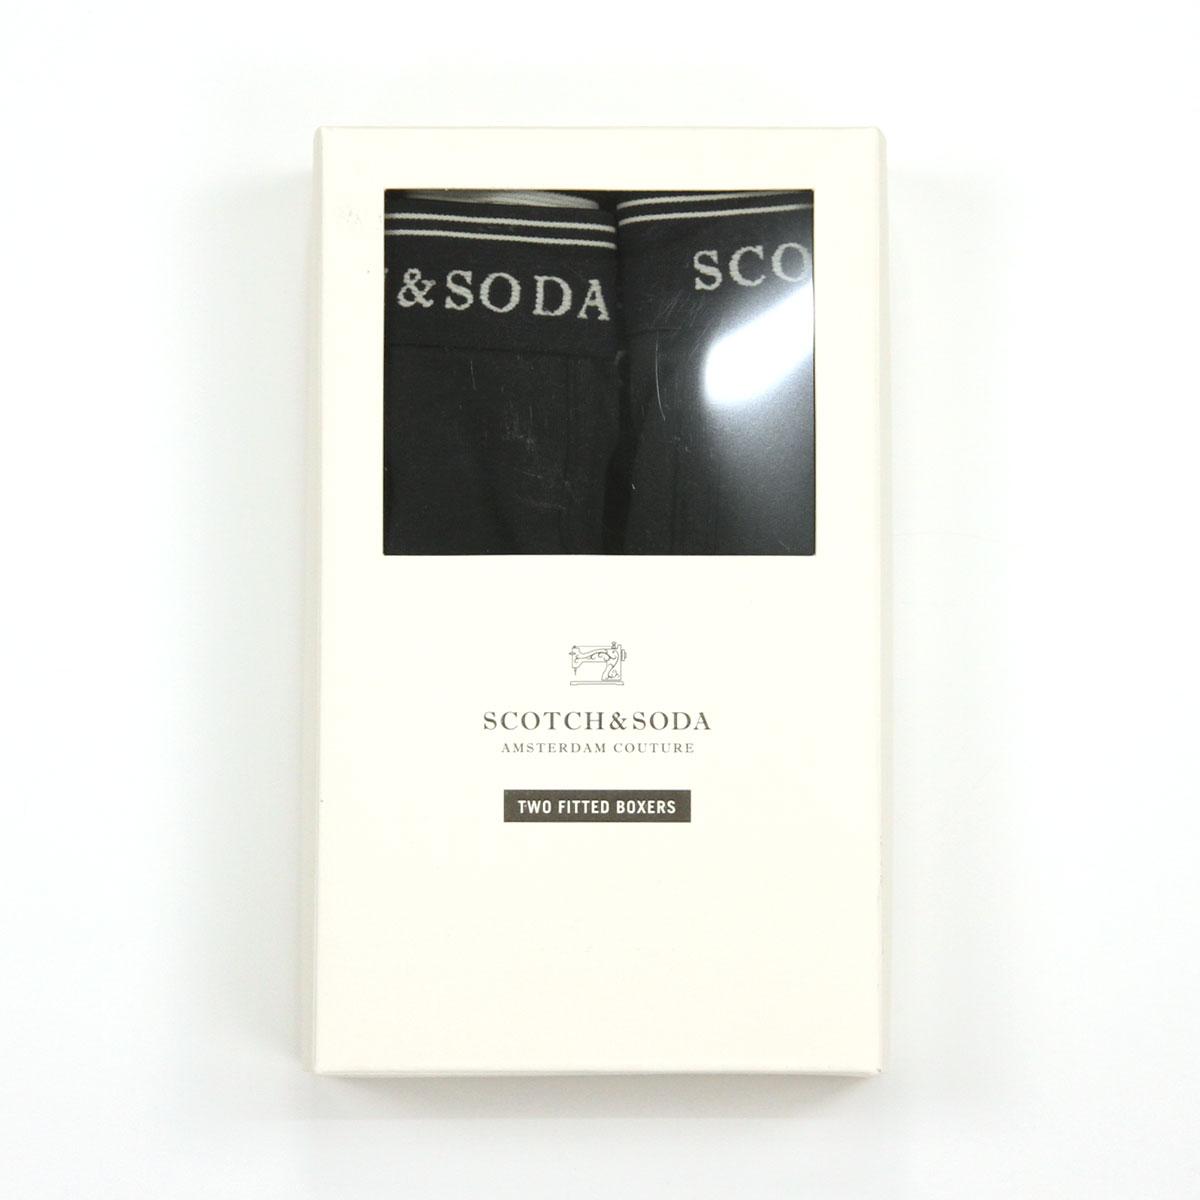 スコッチアンドソーダ SCOTCH&SODA 正規販売店 メンズ ボクサーパンツ BASIC BOXERSHORT 2-PACK 124904 D 49991 DESSIN  A39B B1C C7D D2E E13F